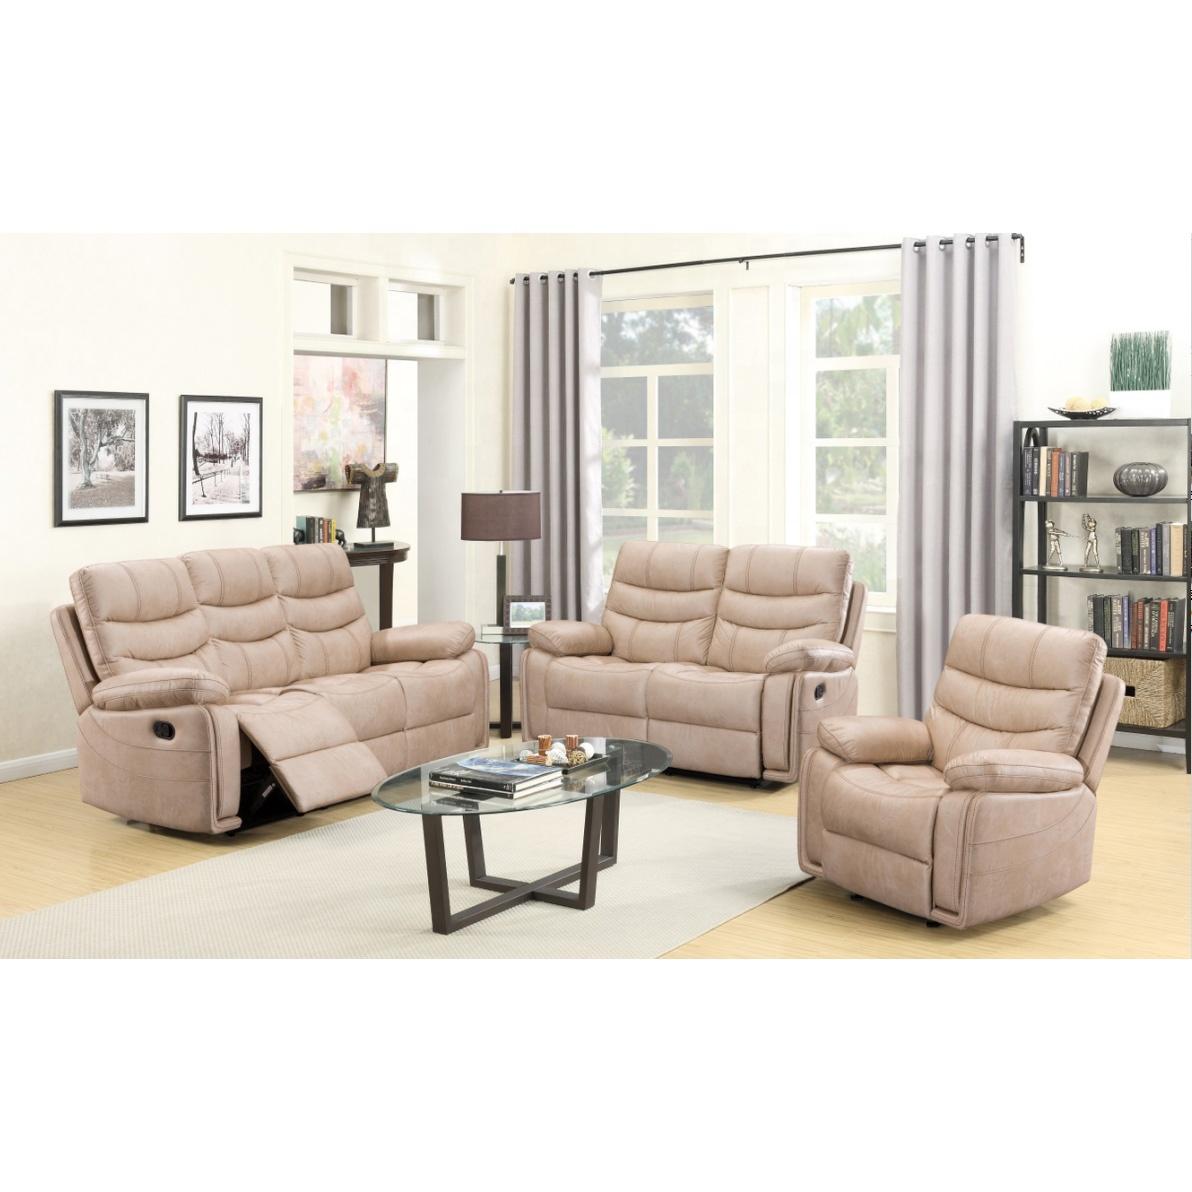 Furniture Unique Design White Leather